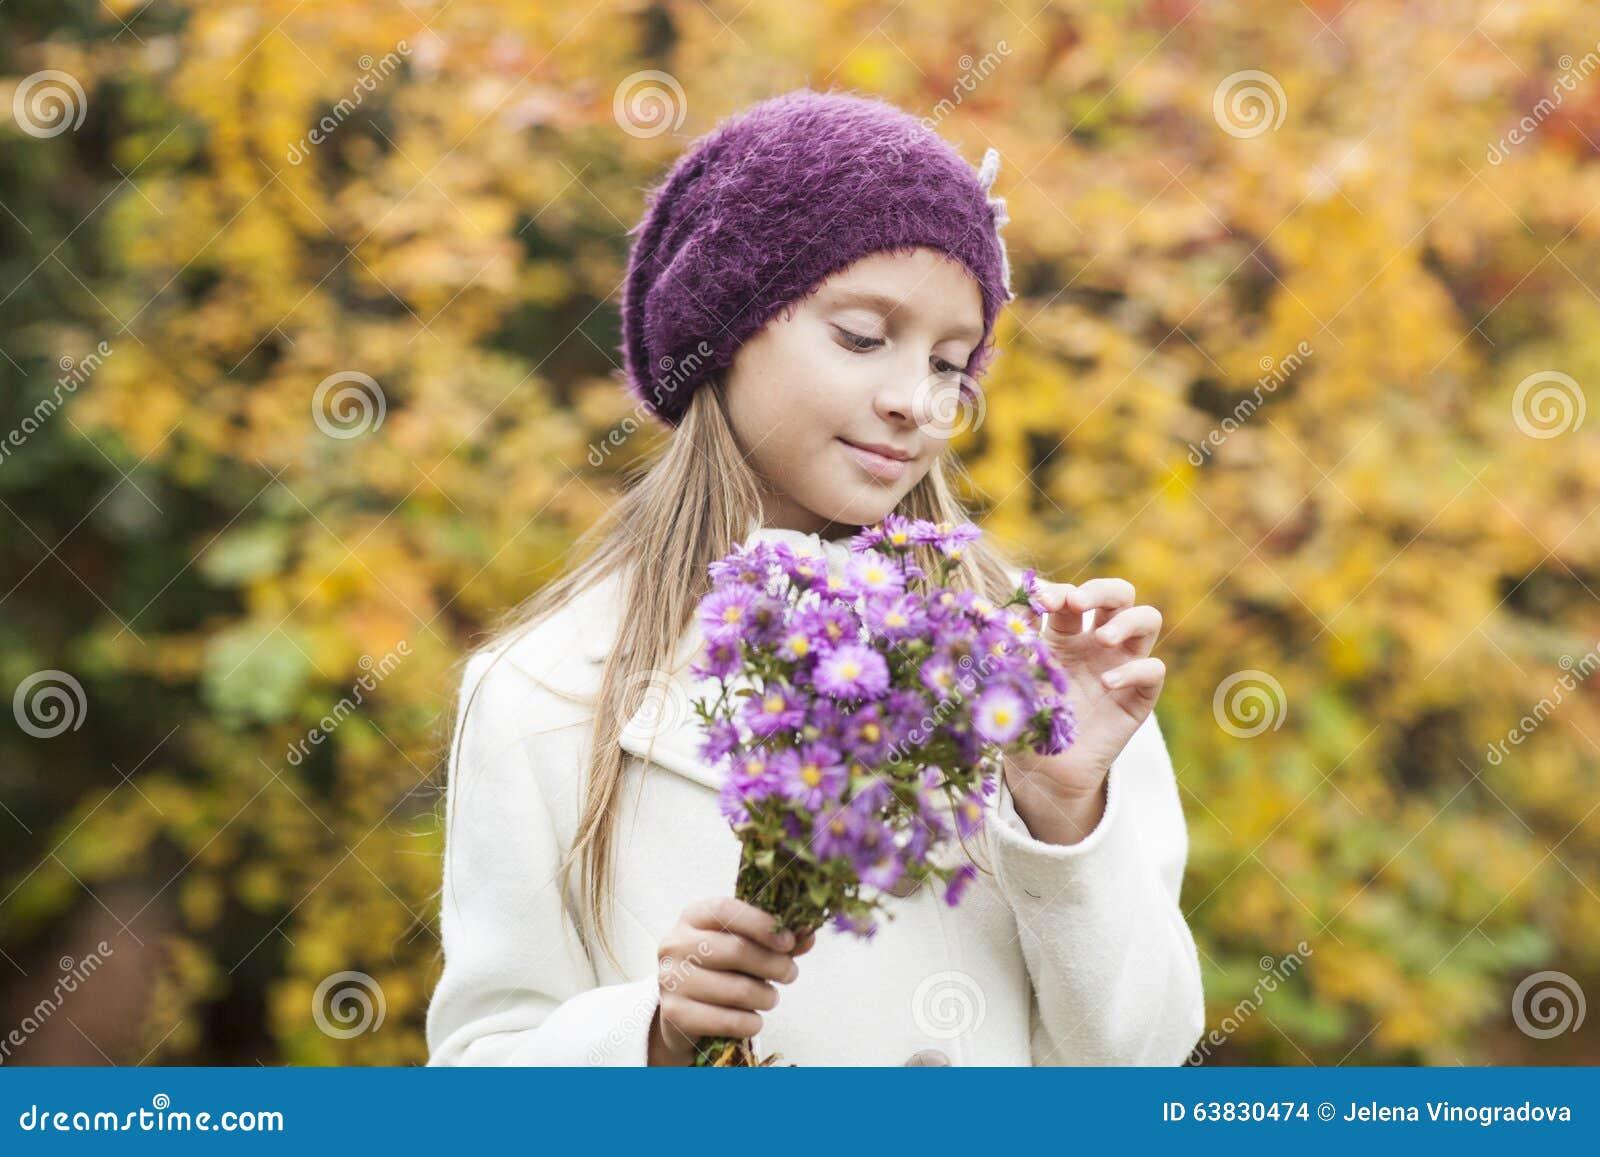 Klein meisje met bloemen stock foto afbeelding 63830474 - Foto slaapkamer klein meisje ...